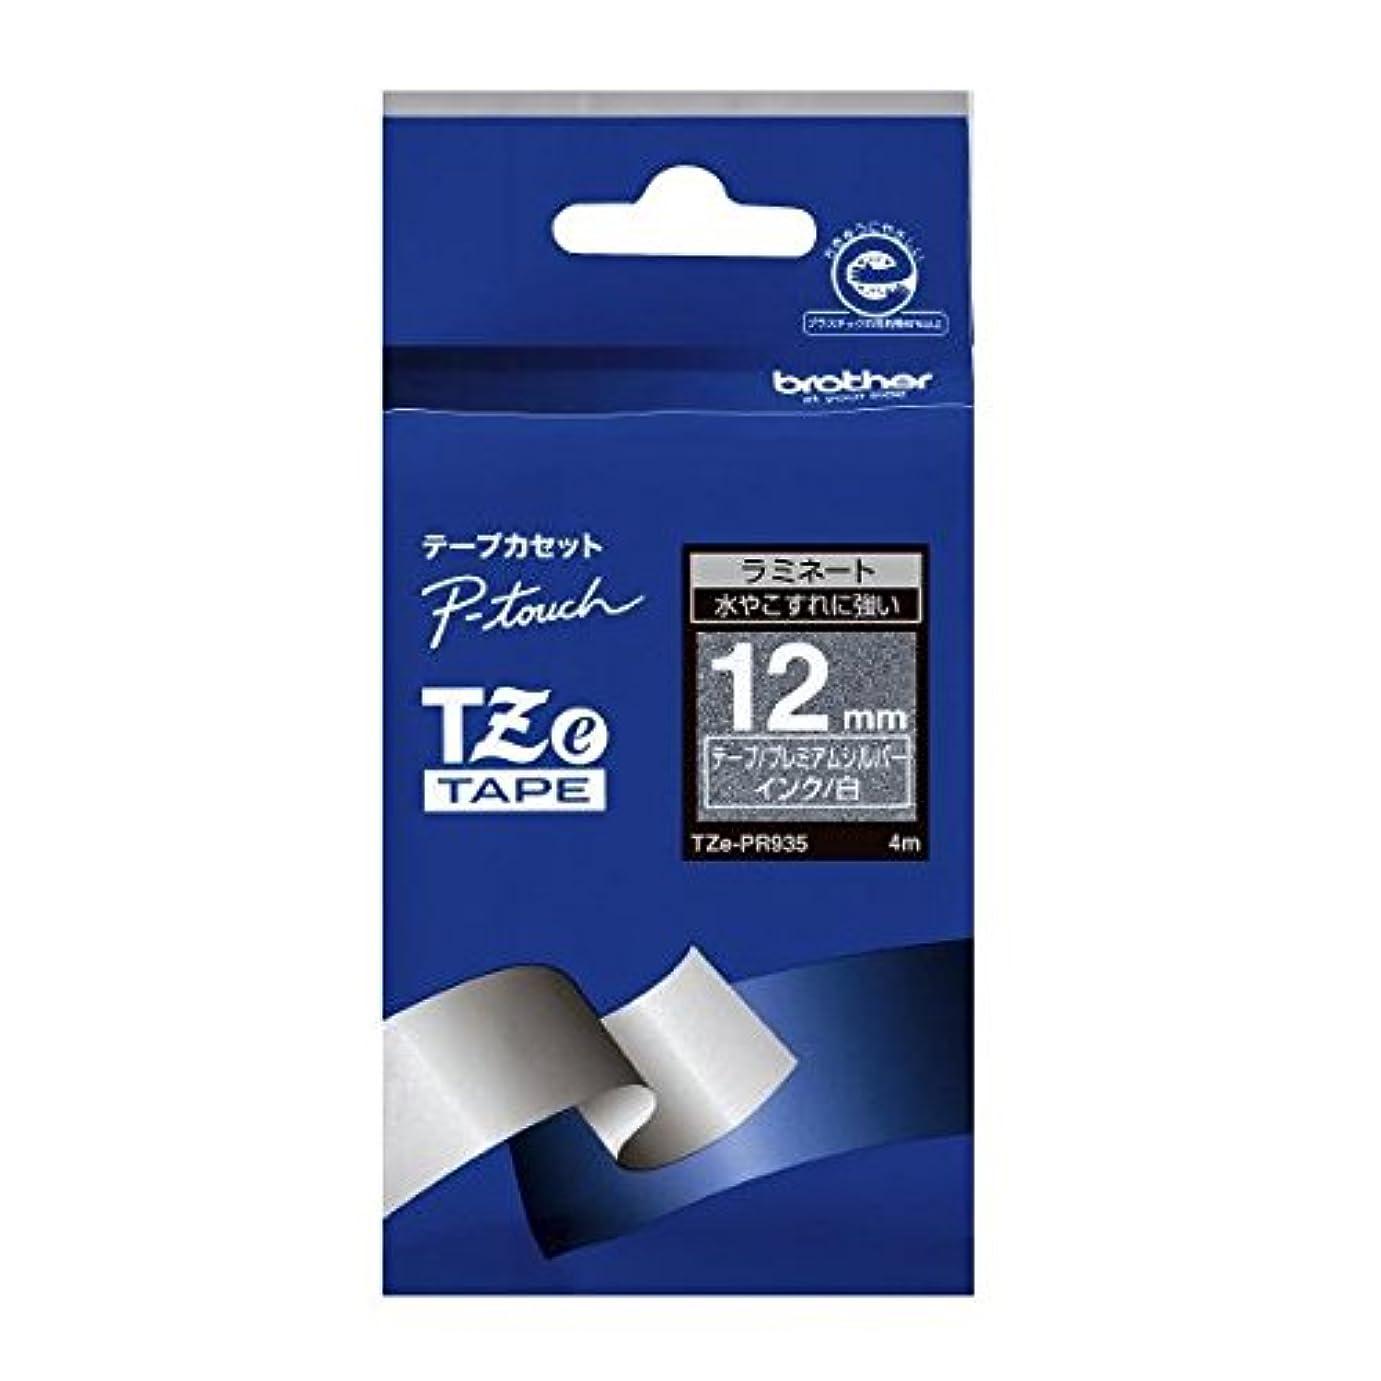 商業の協力する宿題ブラザー TZeテープ おしゃれテープ プレミアムタイプ TZe-PR935